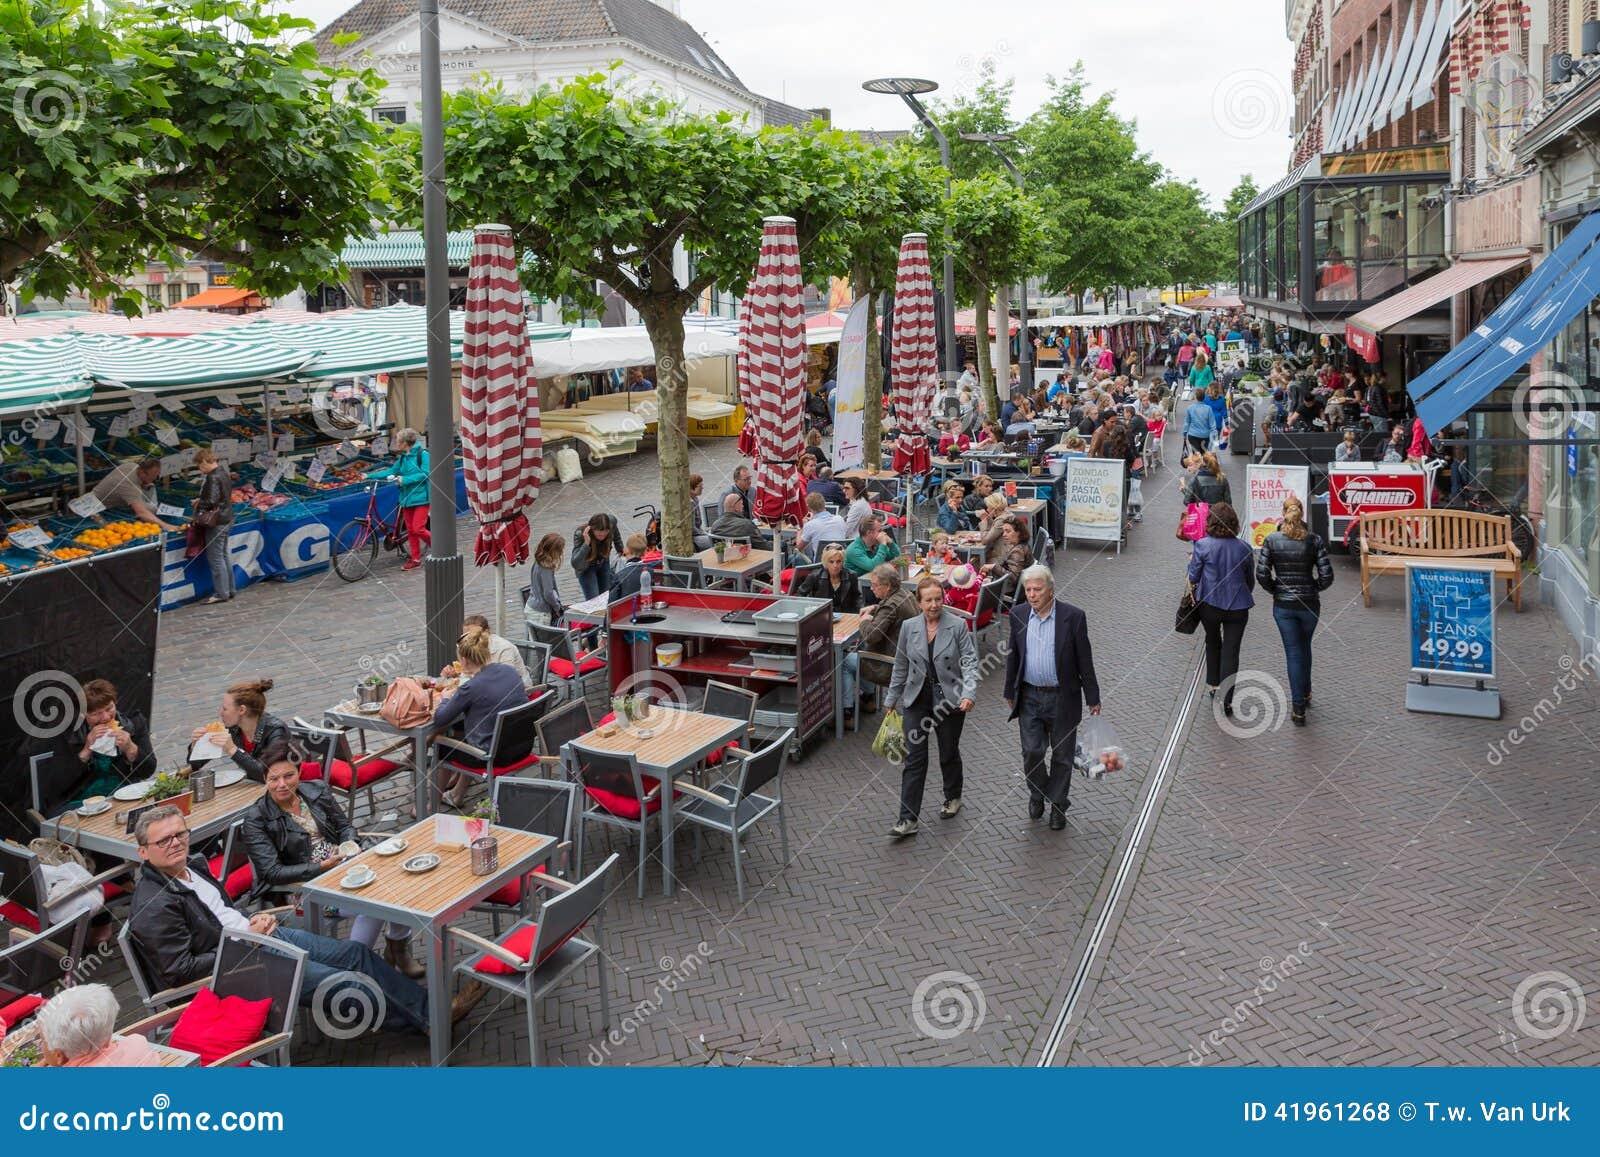 Άνθρωποι που ψωνίζουν σε μια αγορά Zwolle στις Κάτω Χώρες